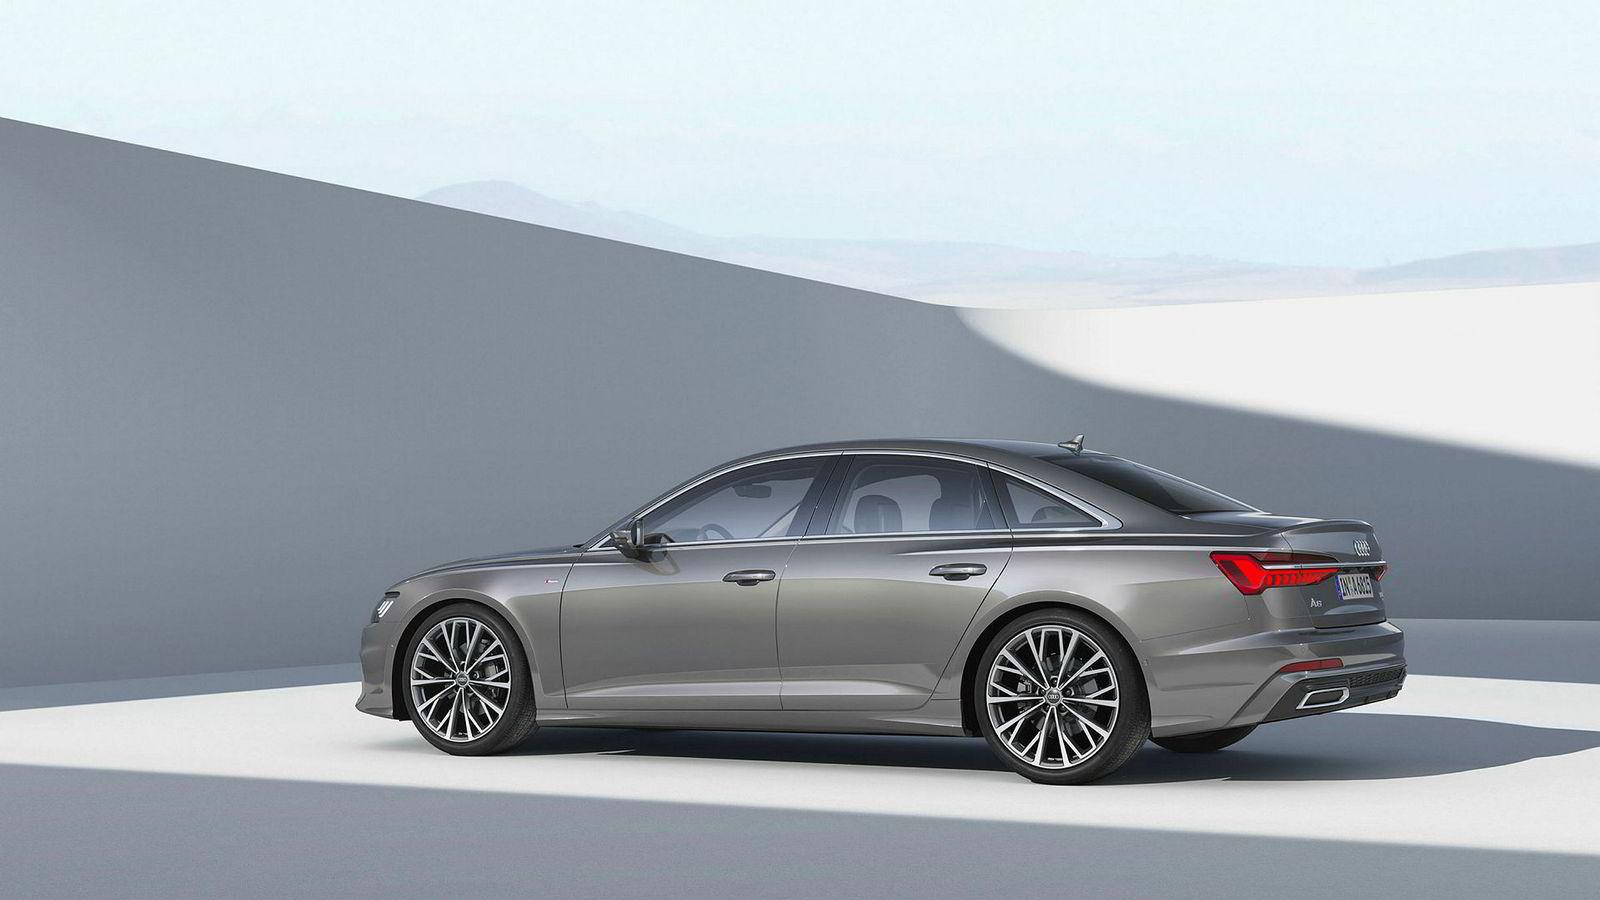 Dagens Audi A6 har vært blant oss siden 2010, så det er på høy tid med en etterfølger.